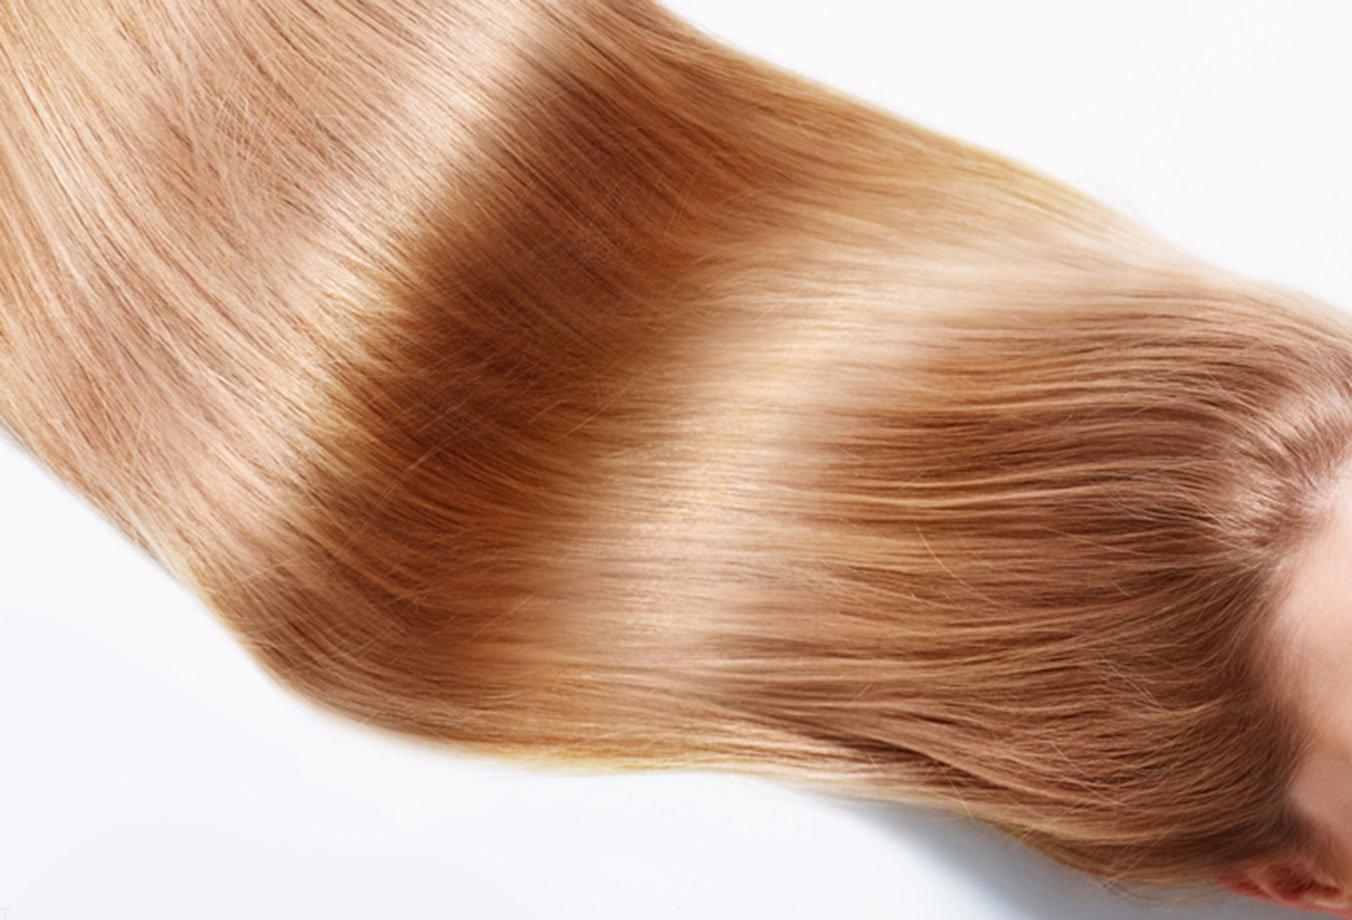 روش هایی ساده و کاربردی برای صاف کردن مو